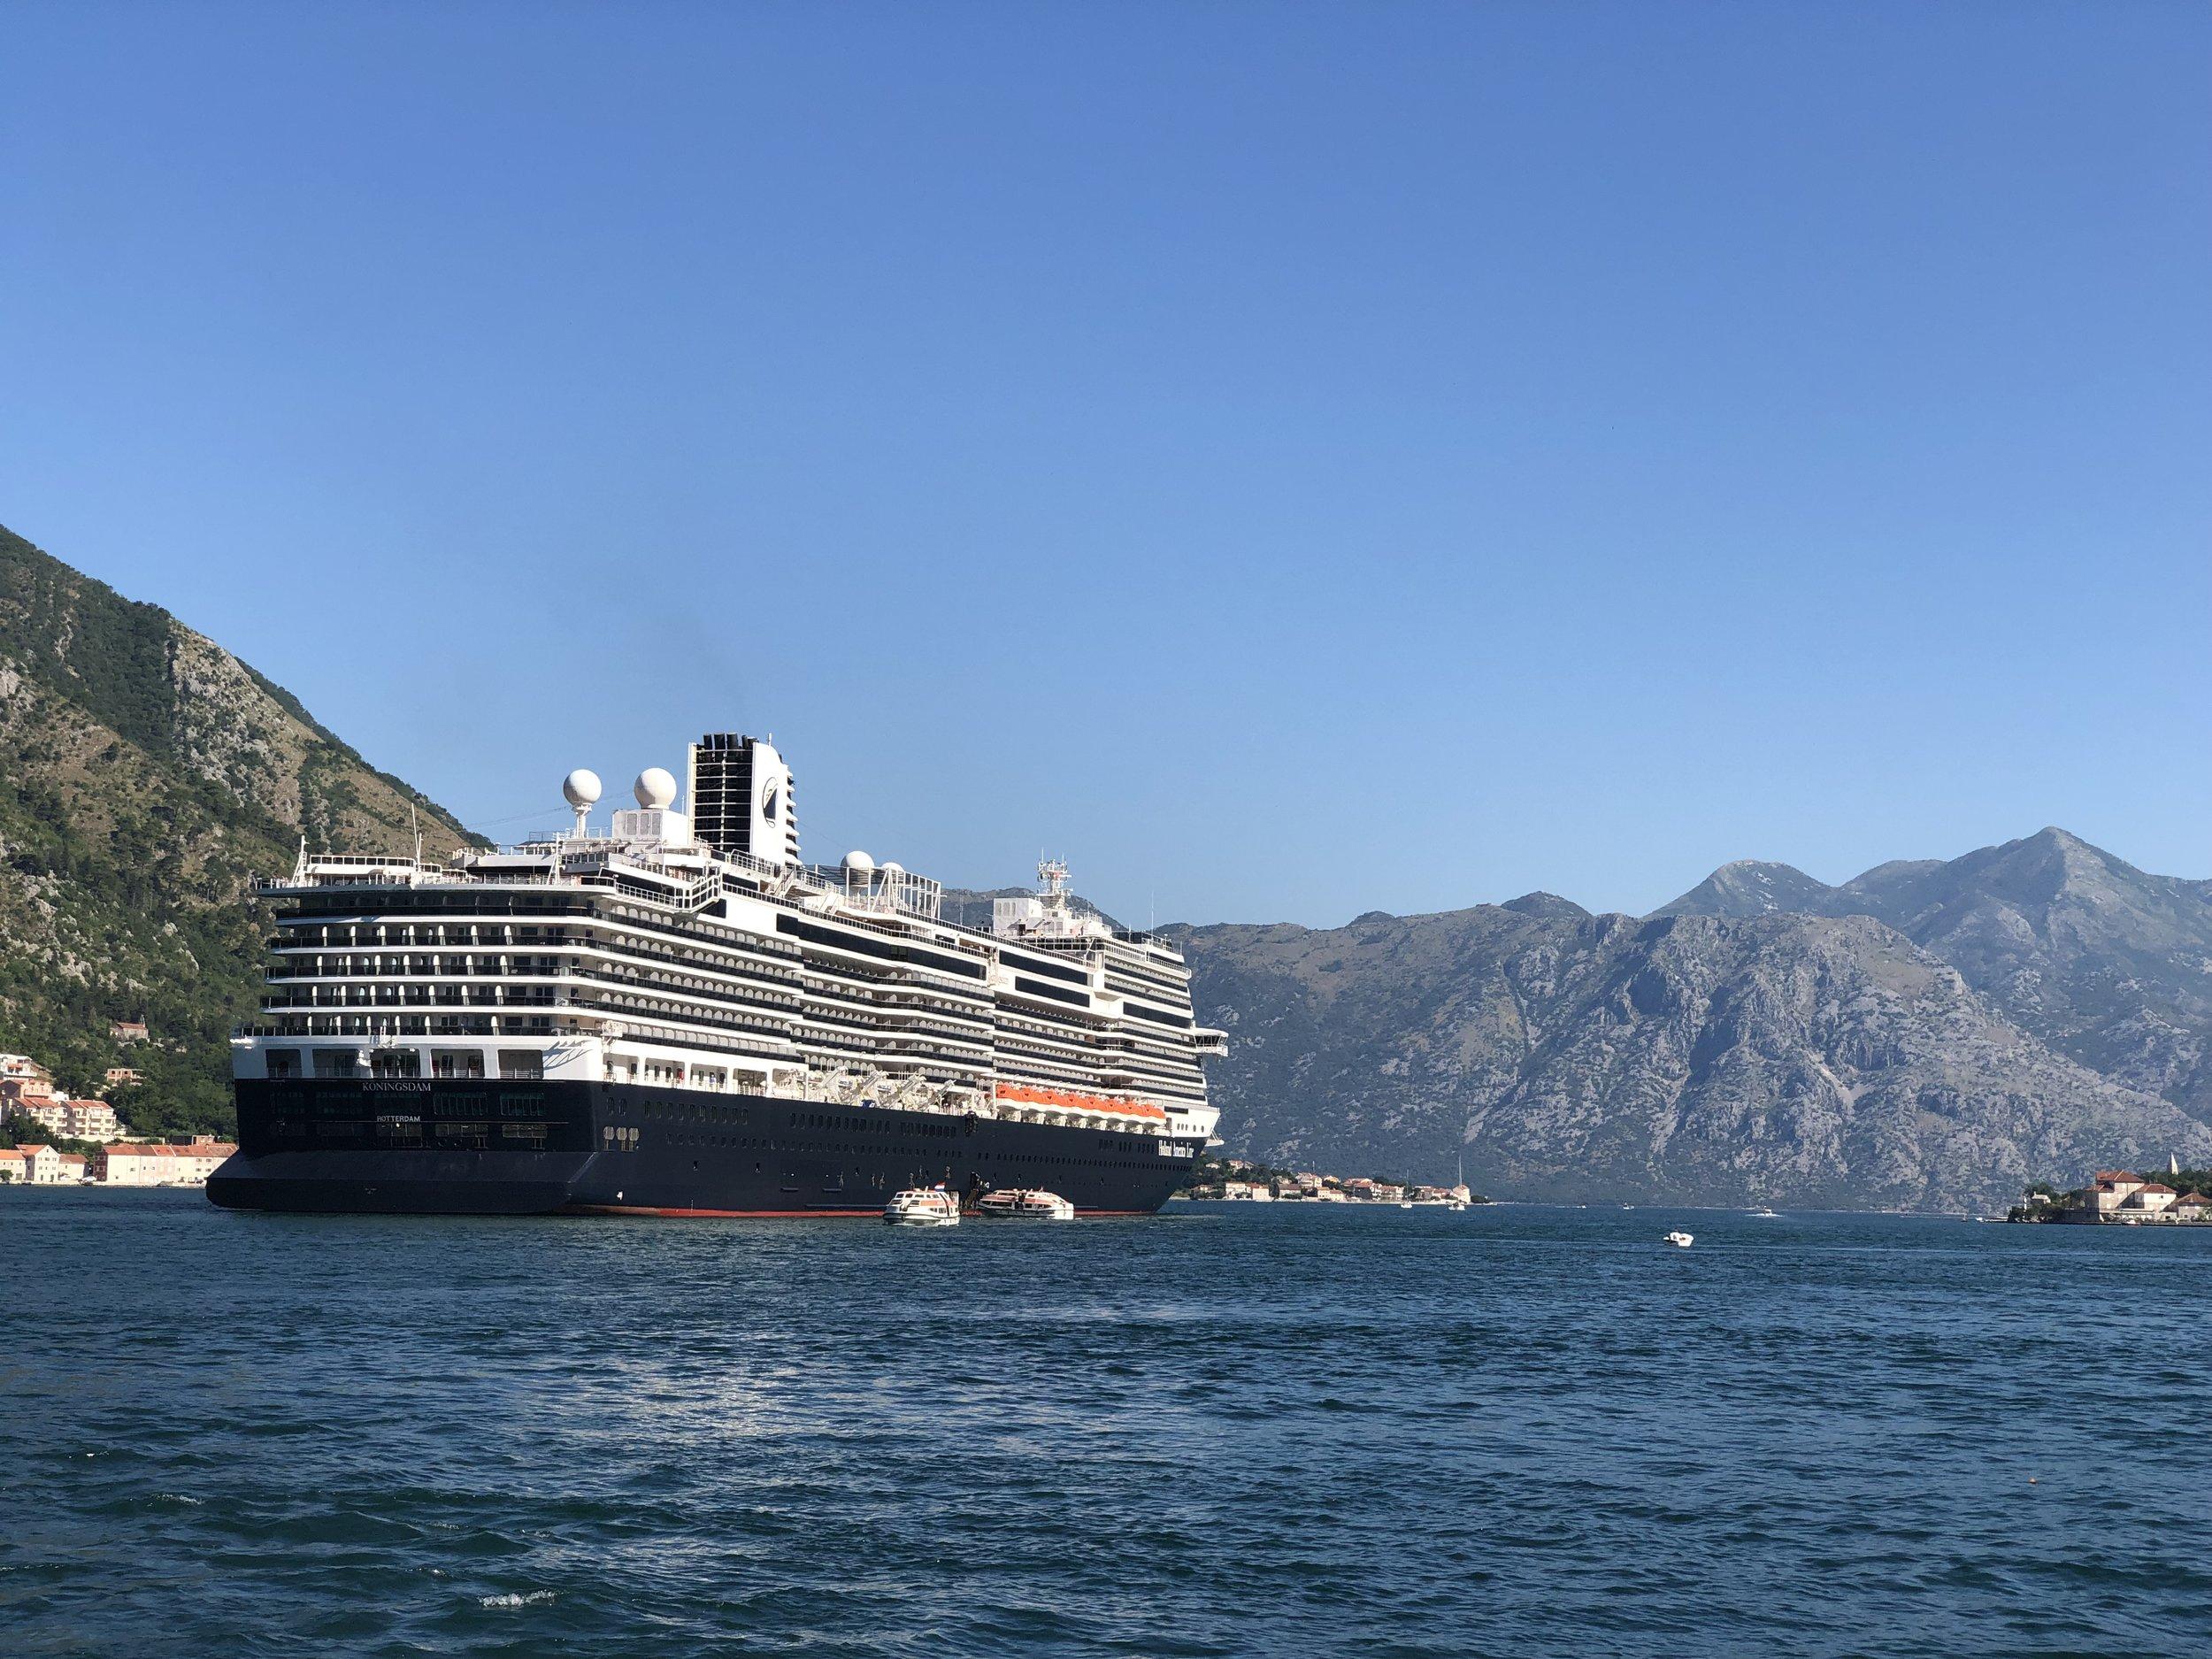 Koningsdam at Kotor, Montenegro.